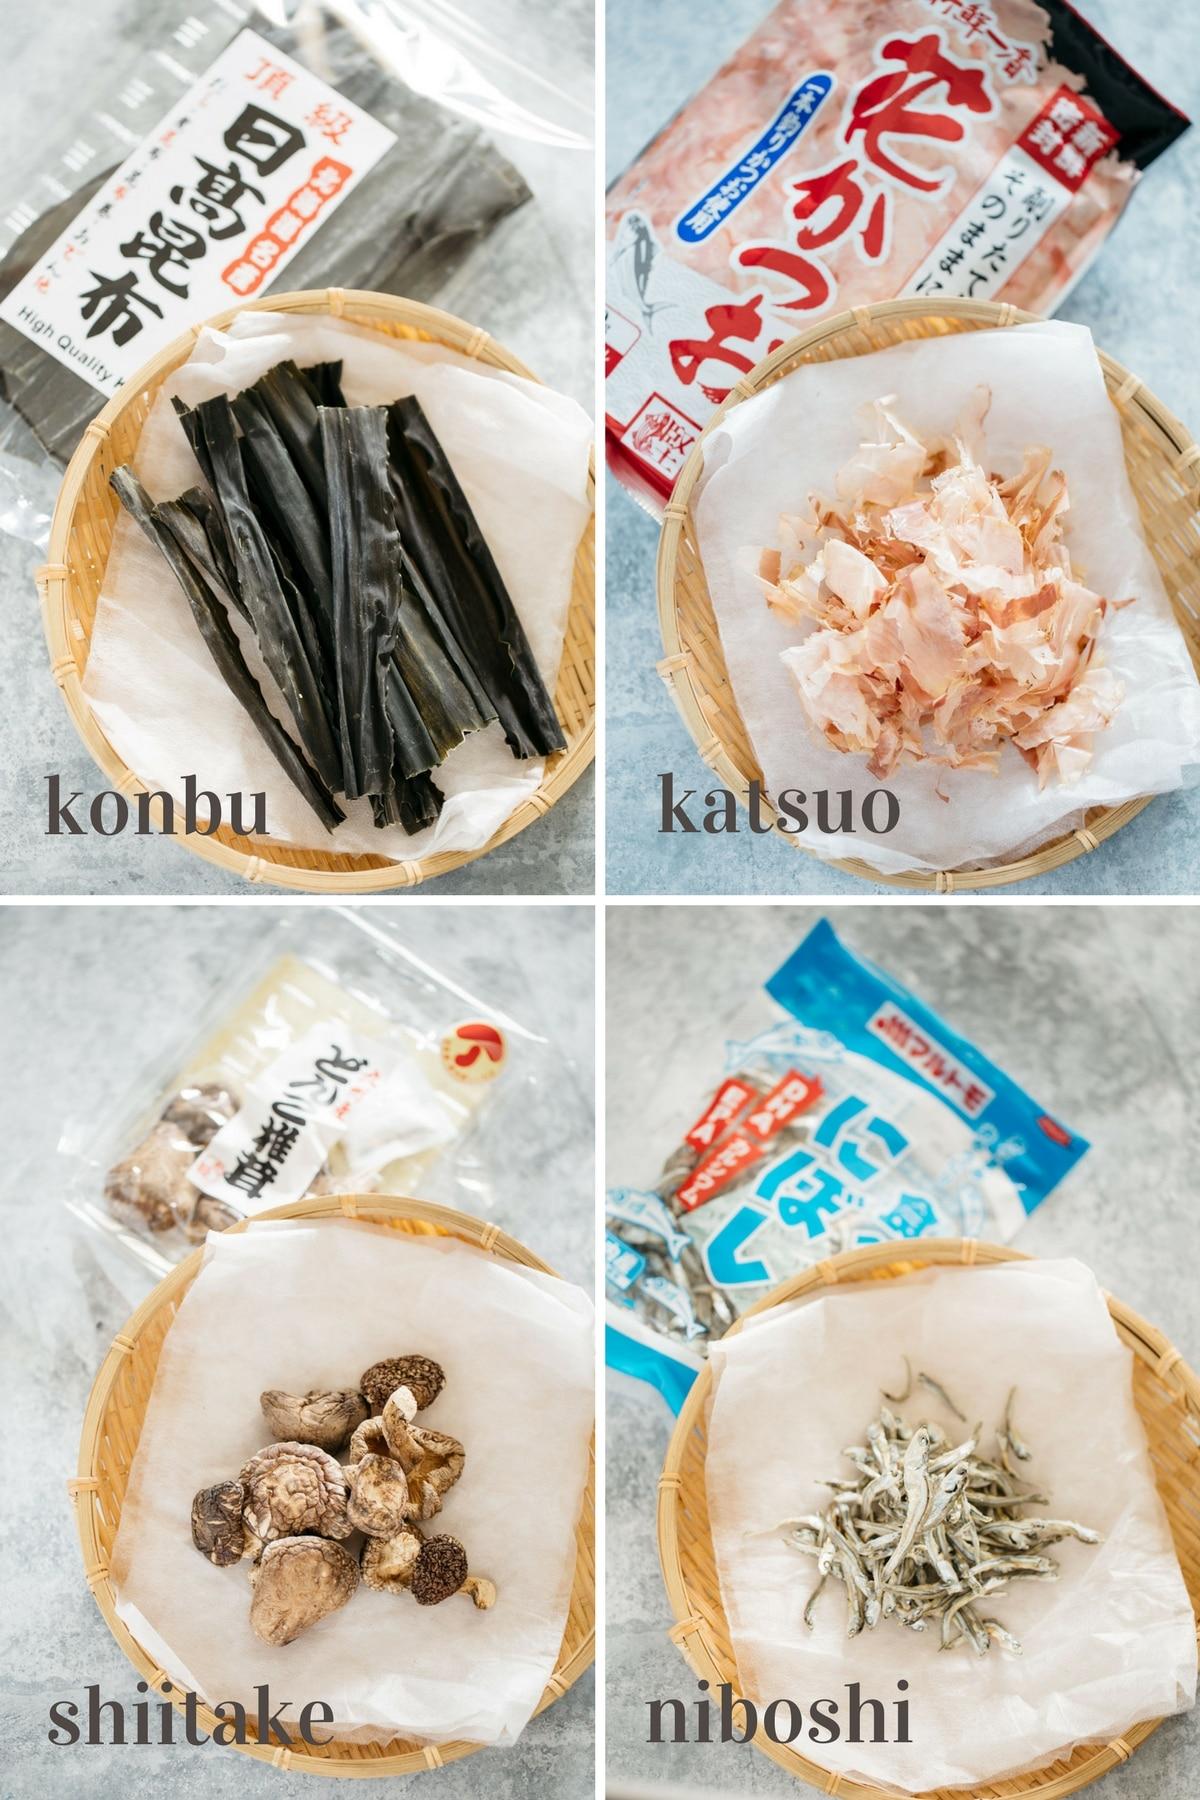 Dashi stock variety, konbu, katsuo, shiitake, niboshi